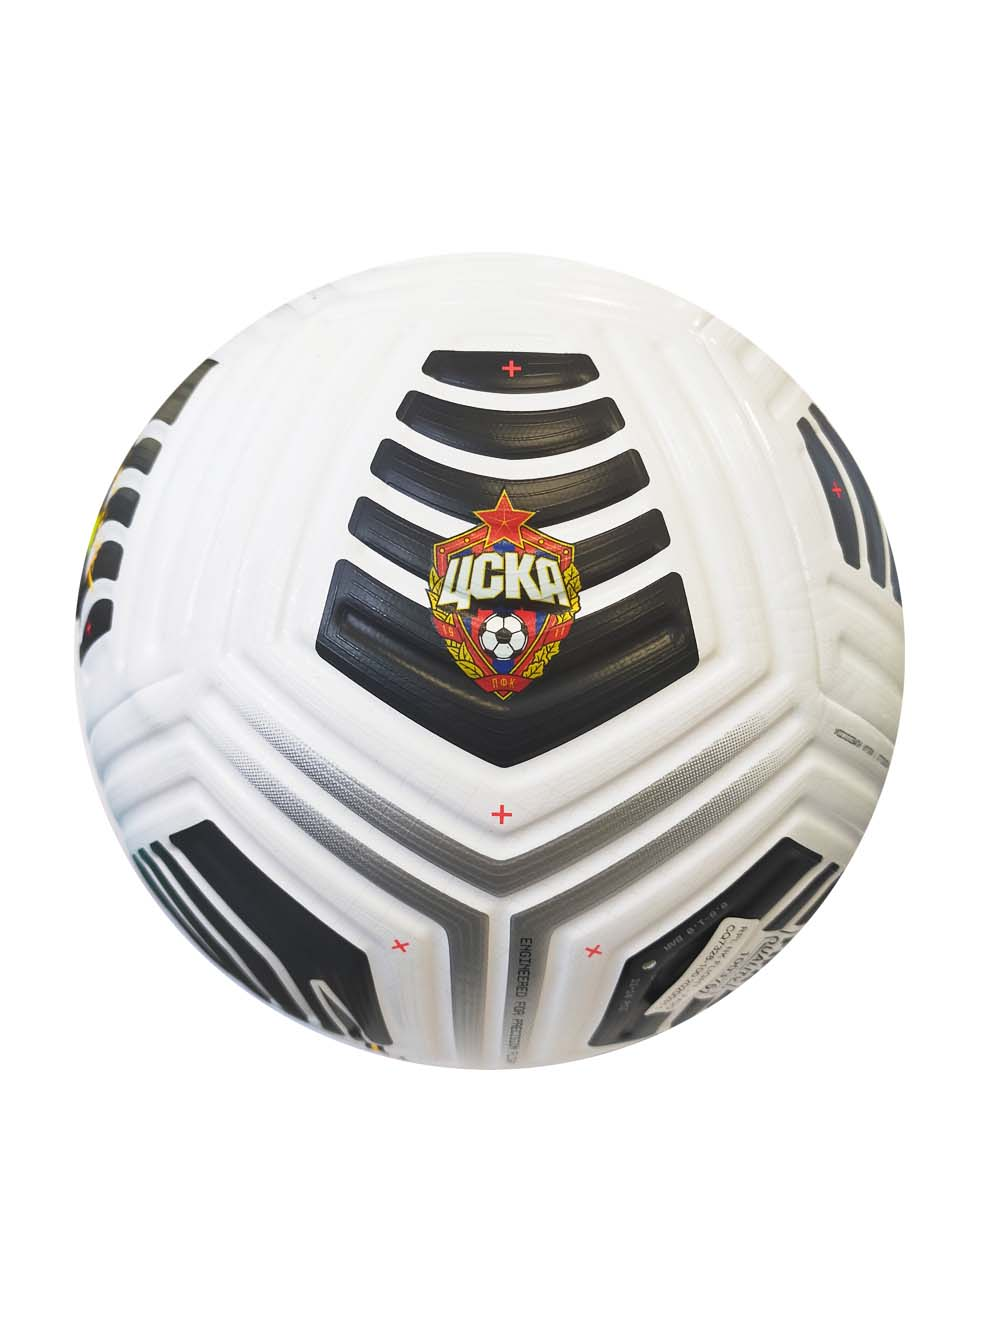 Мяч футбольный NIKE RPL FLIGHT (FA20) с эмблемой ПФК ЦСКА, размер 5